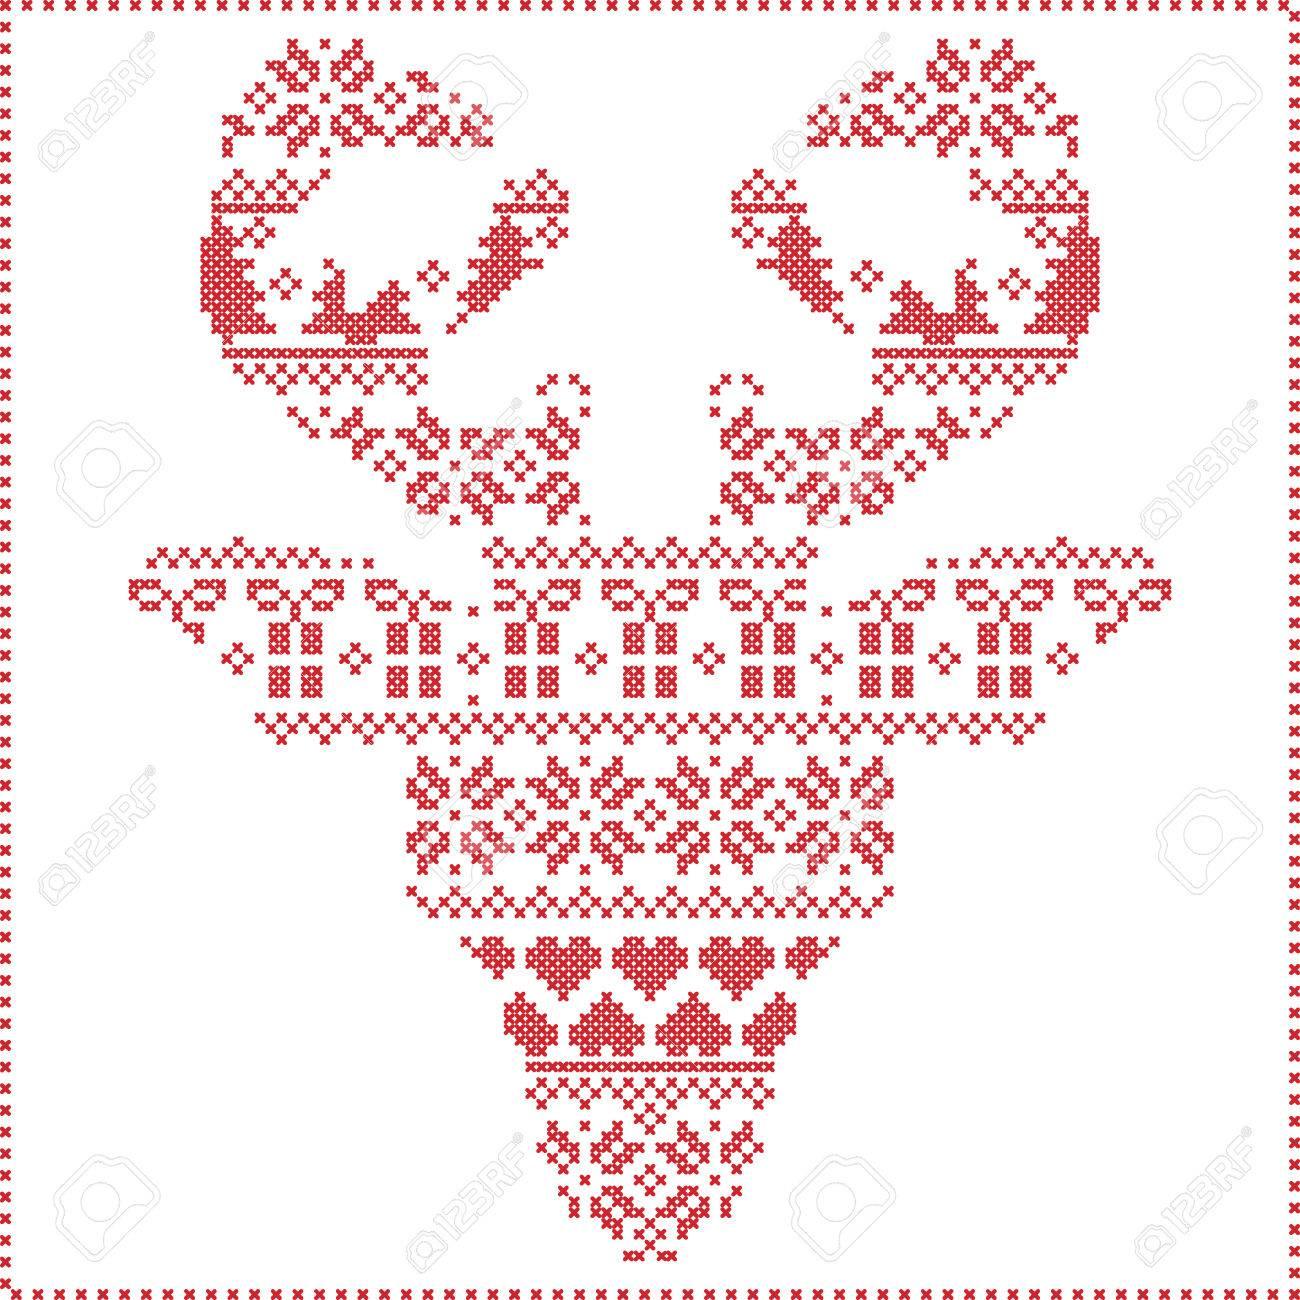 LIN 17558, POP UP Weihnachtskarte, Pop Up Weihnachten, Weihnachtskarte, 3d  Weihnachtskarten, 3d Karte Weihnachten, Hirsch Weihnachtsgeschenke, N448:  Amazon.de: Bürobedarf & Schreibwaren